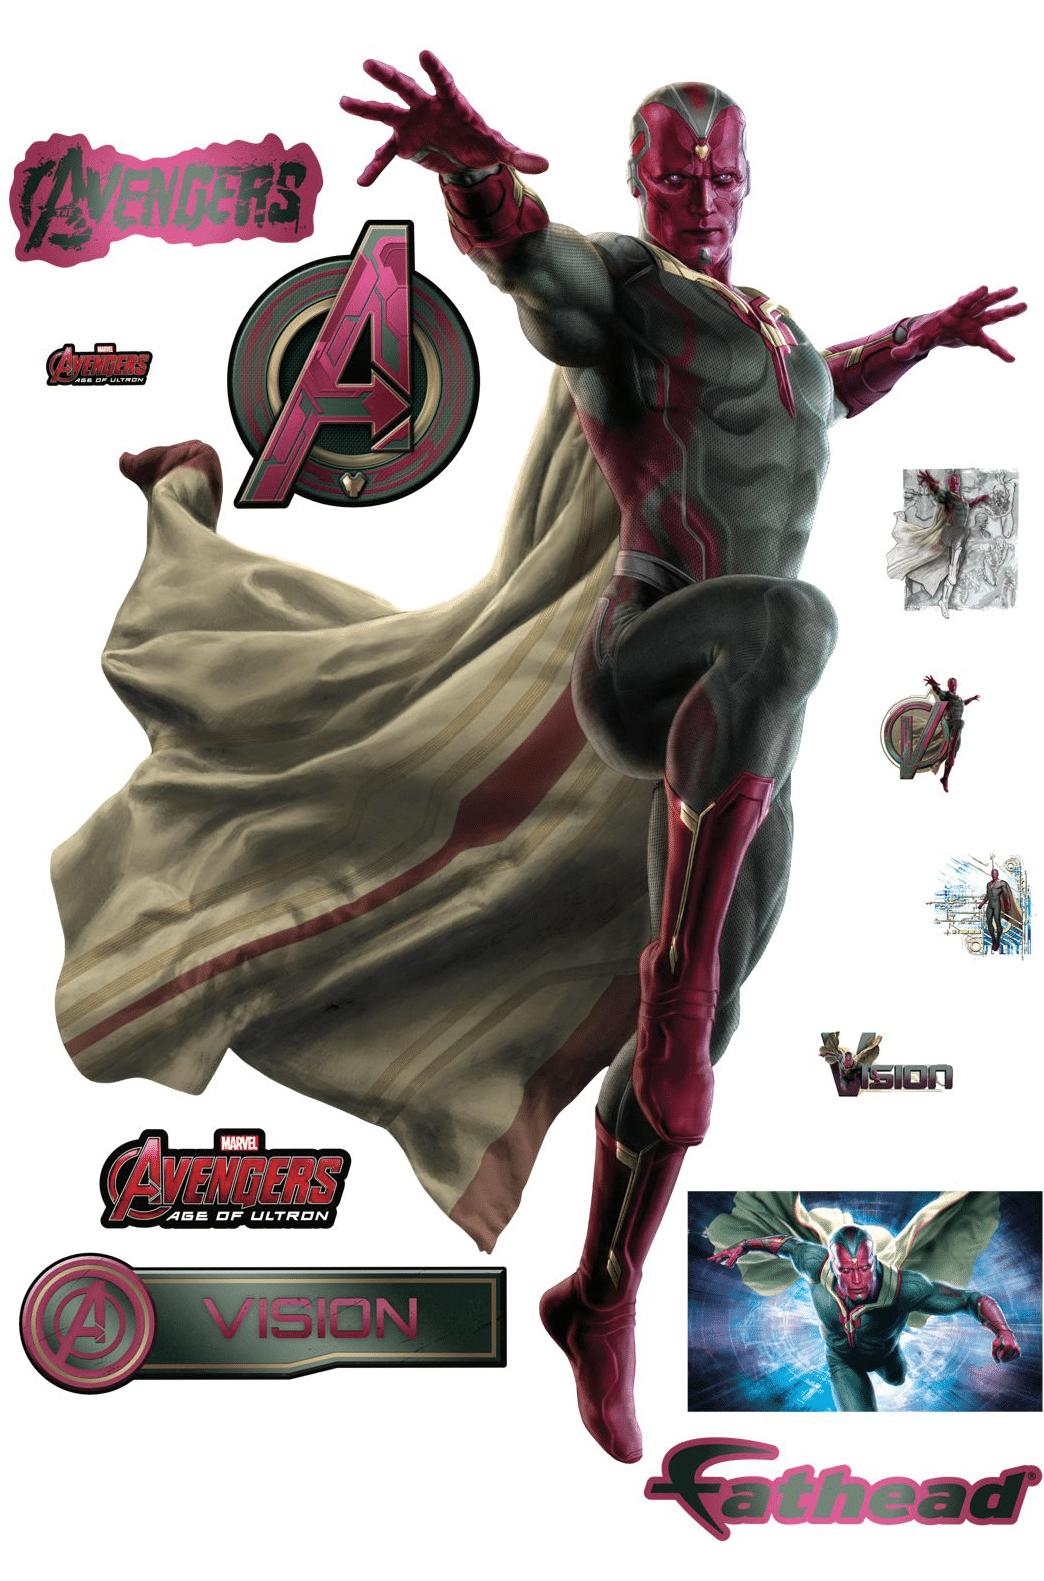 news_avengers283